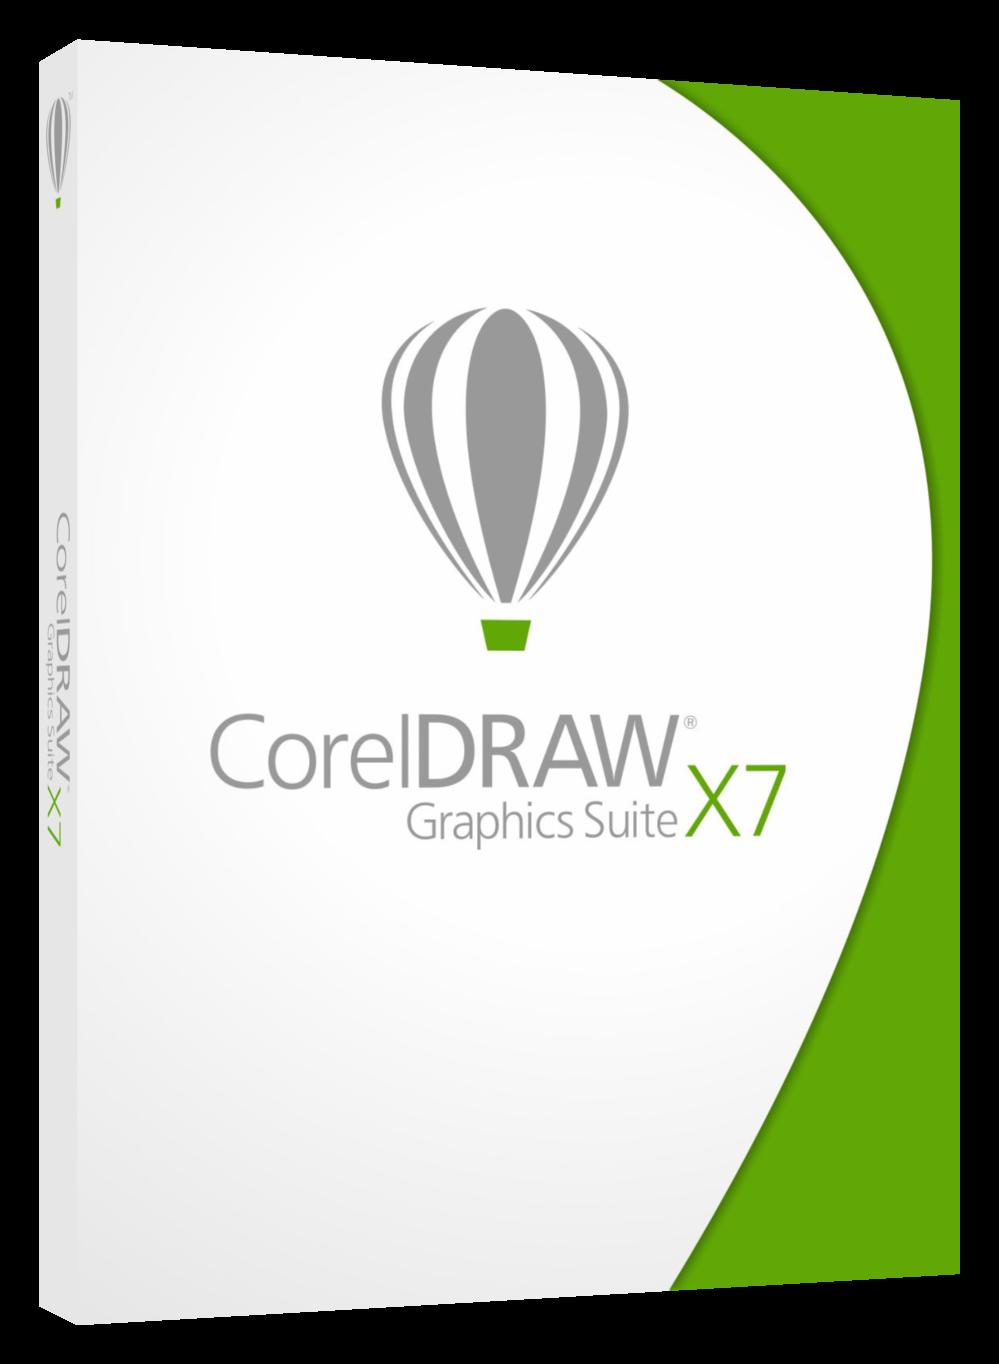 CorelDRAW Graphics Suite X7, la libertà di progettare